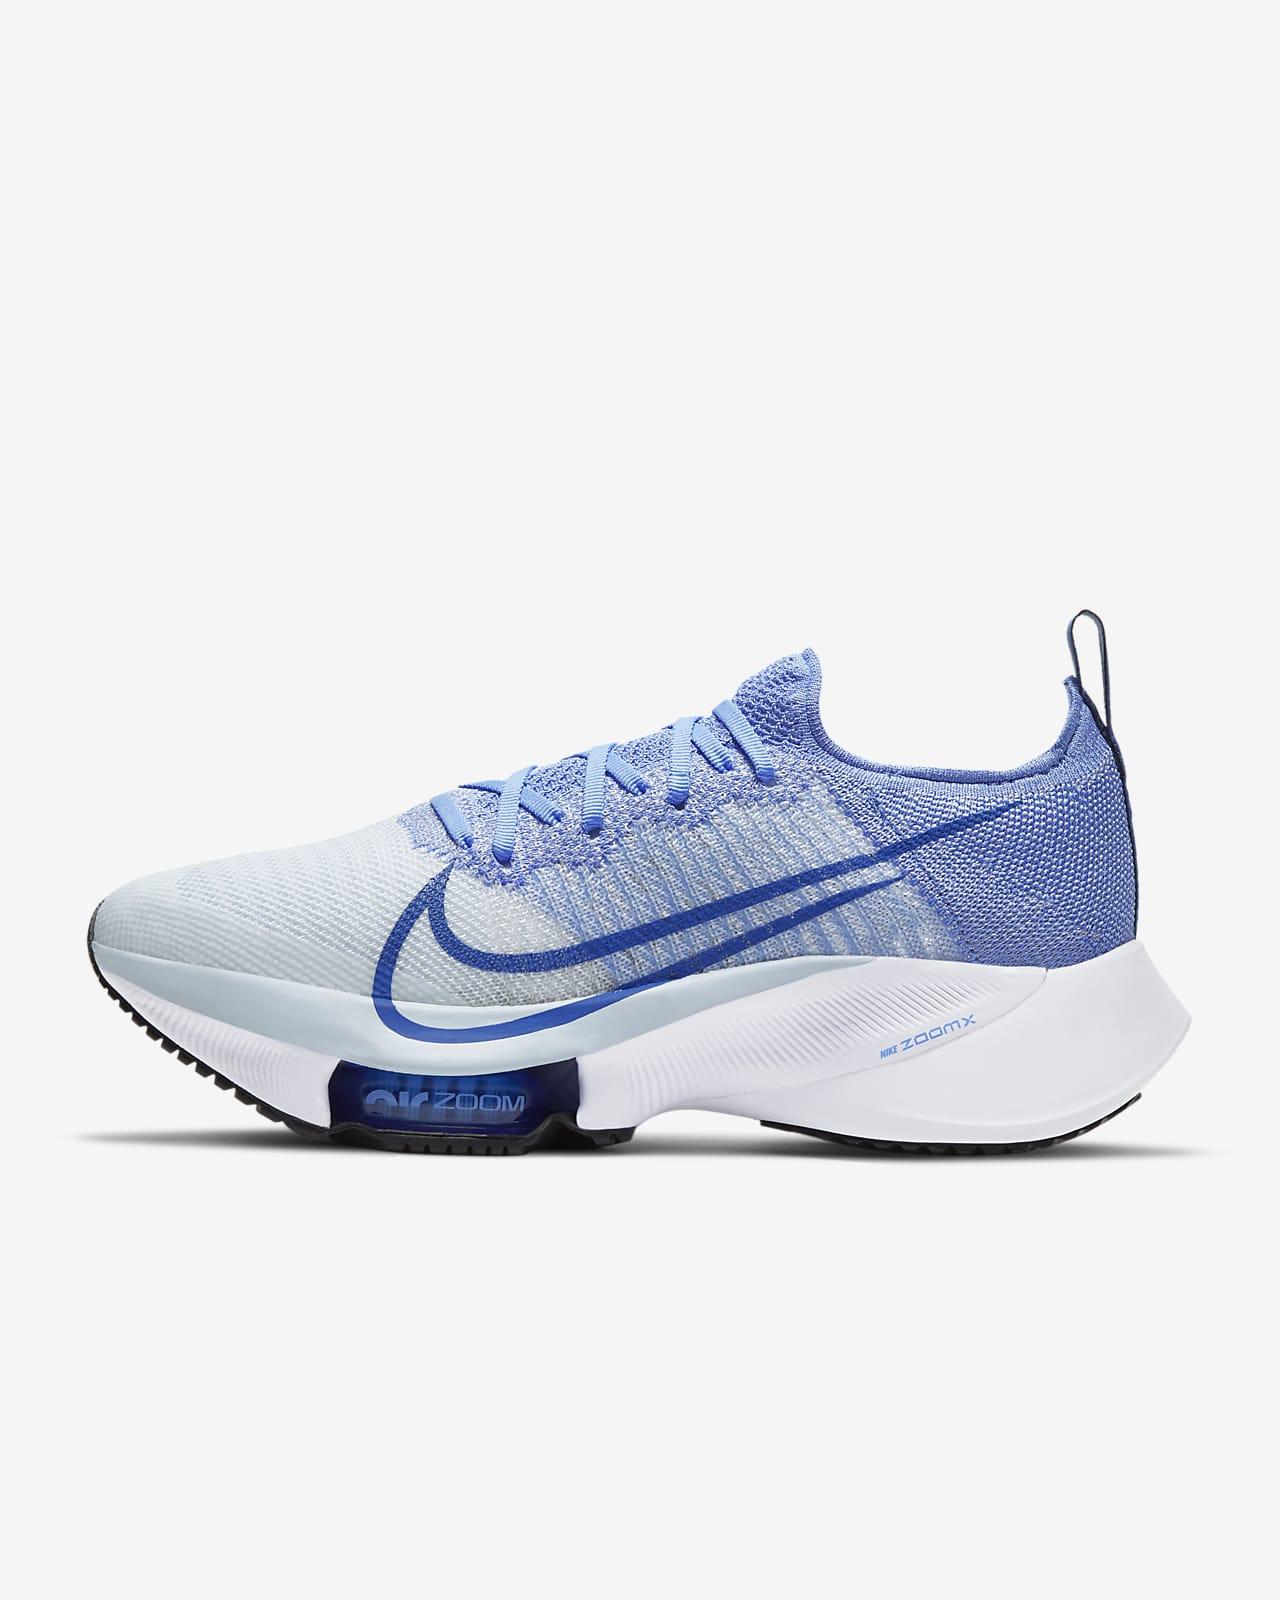 Chaussures de running sur route Nike Air Zoom Tempo NEXT% pour Femme